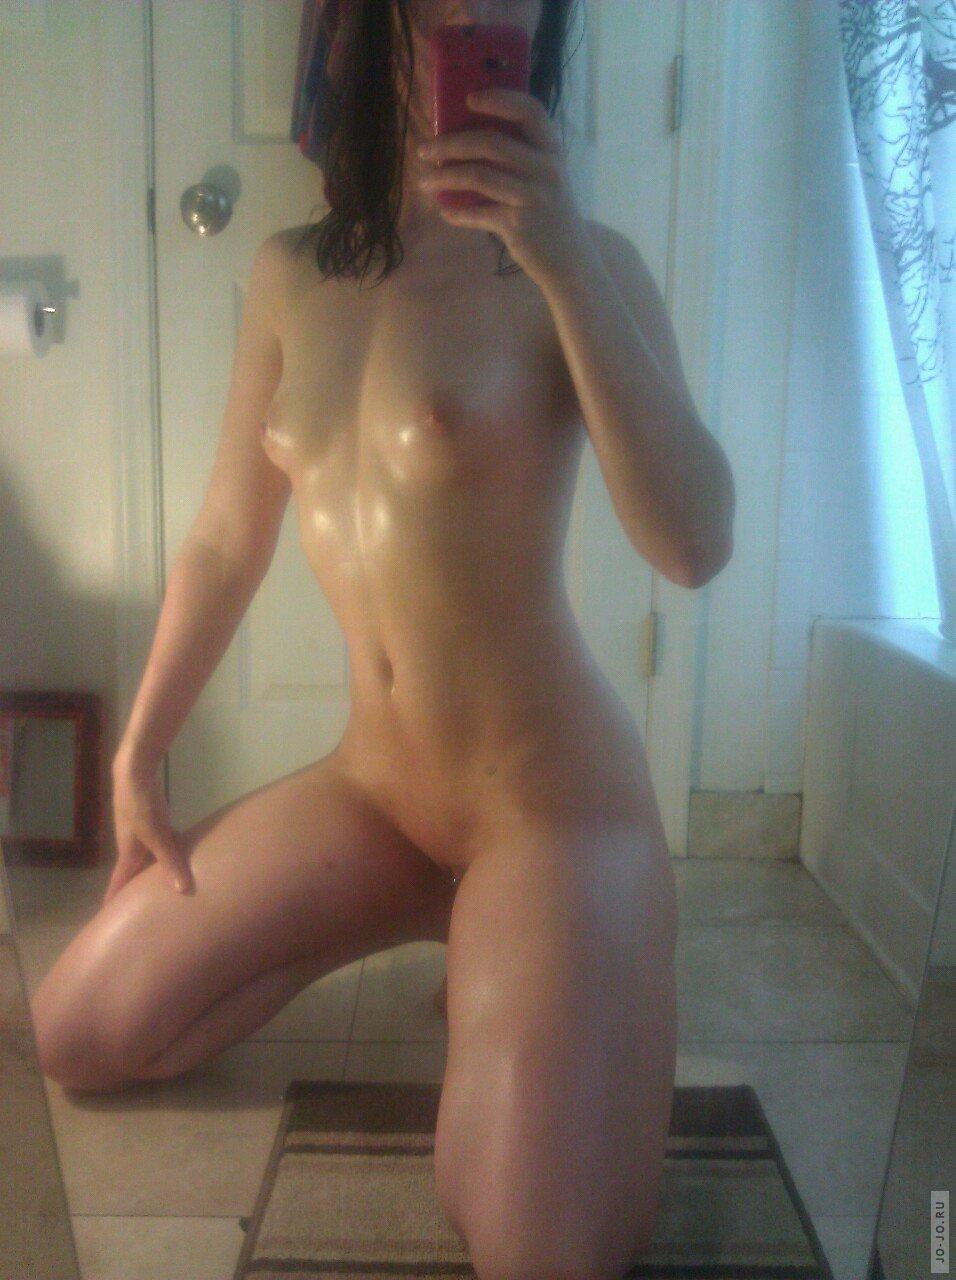 Фото голых девушек фоткающихся себя 22 фотография